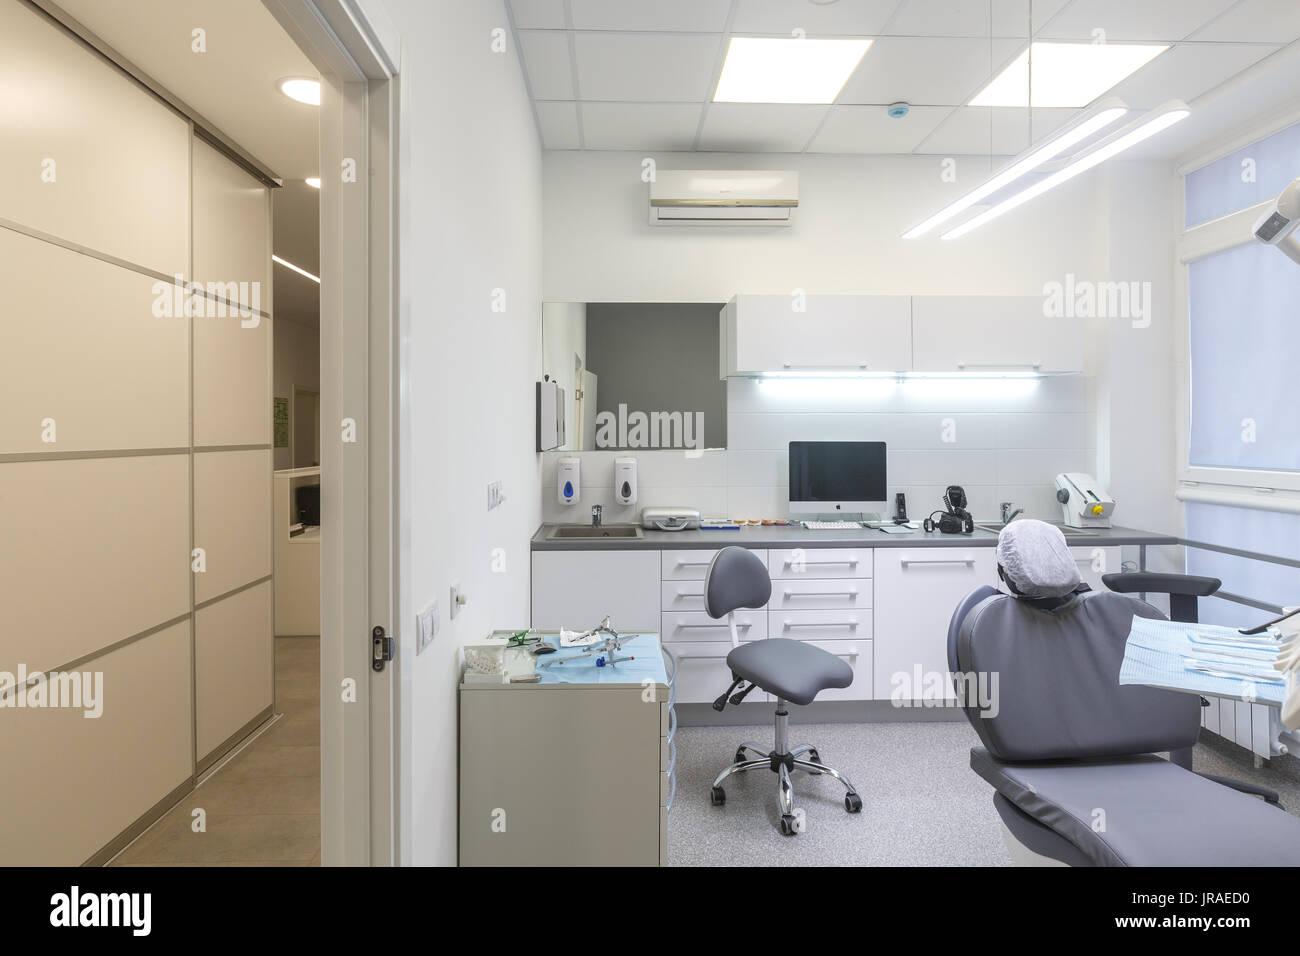 Tout nouveau bureau médical dentiste prix stomatologist matériel